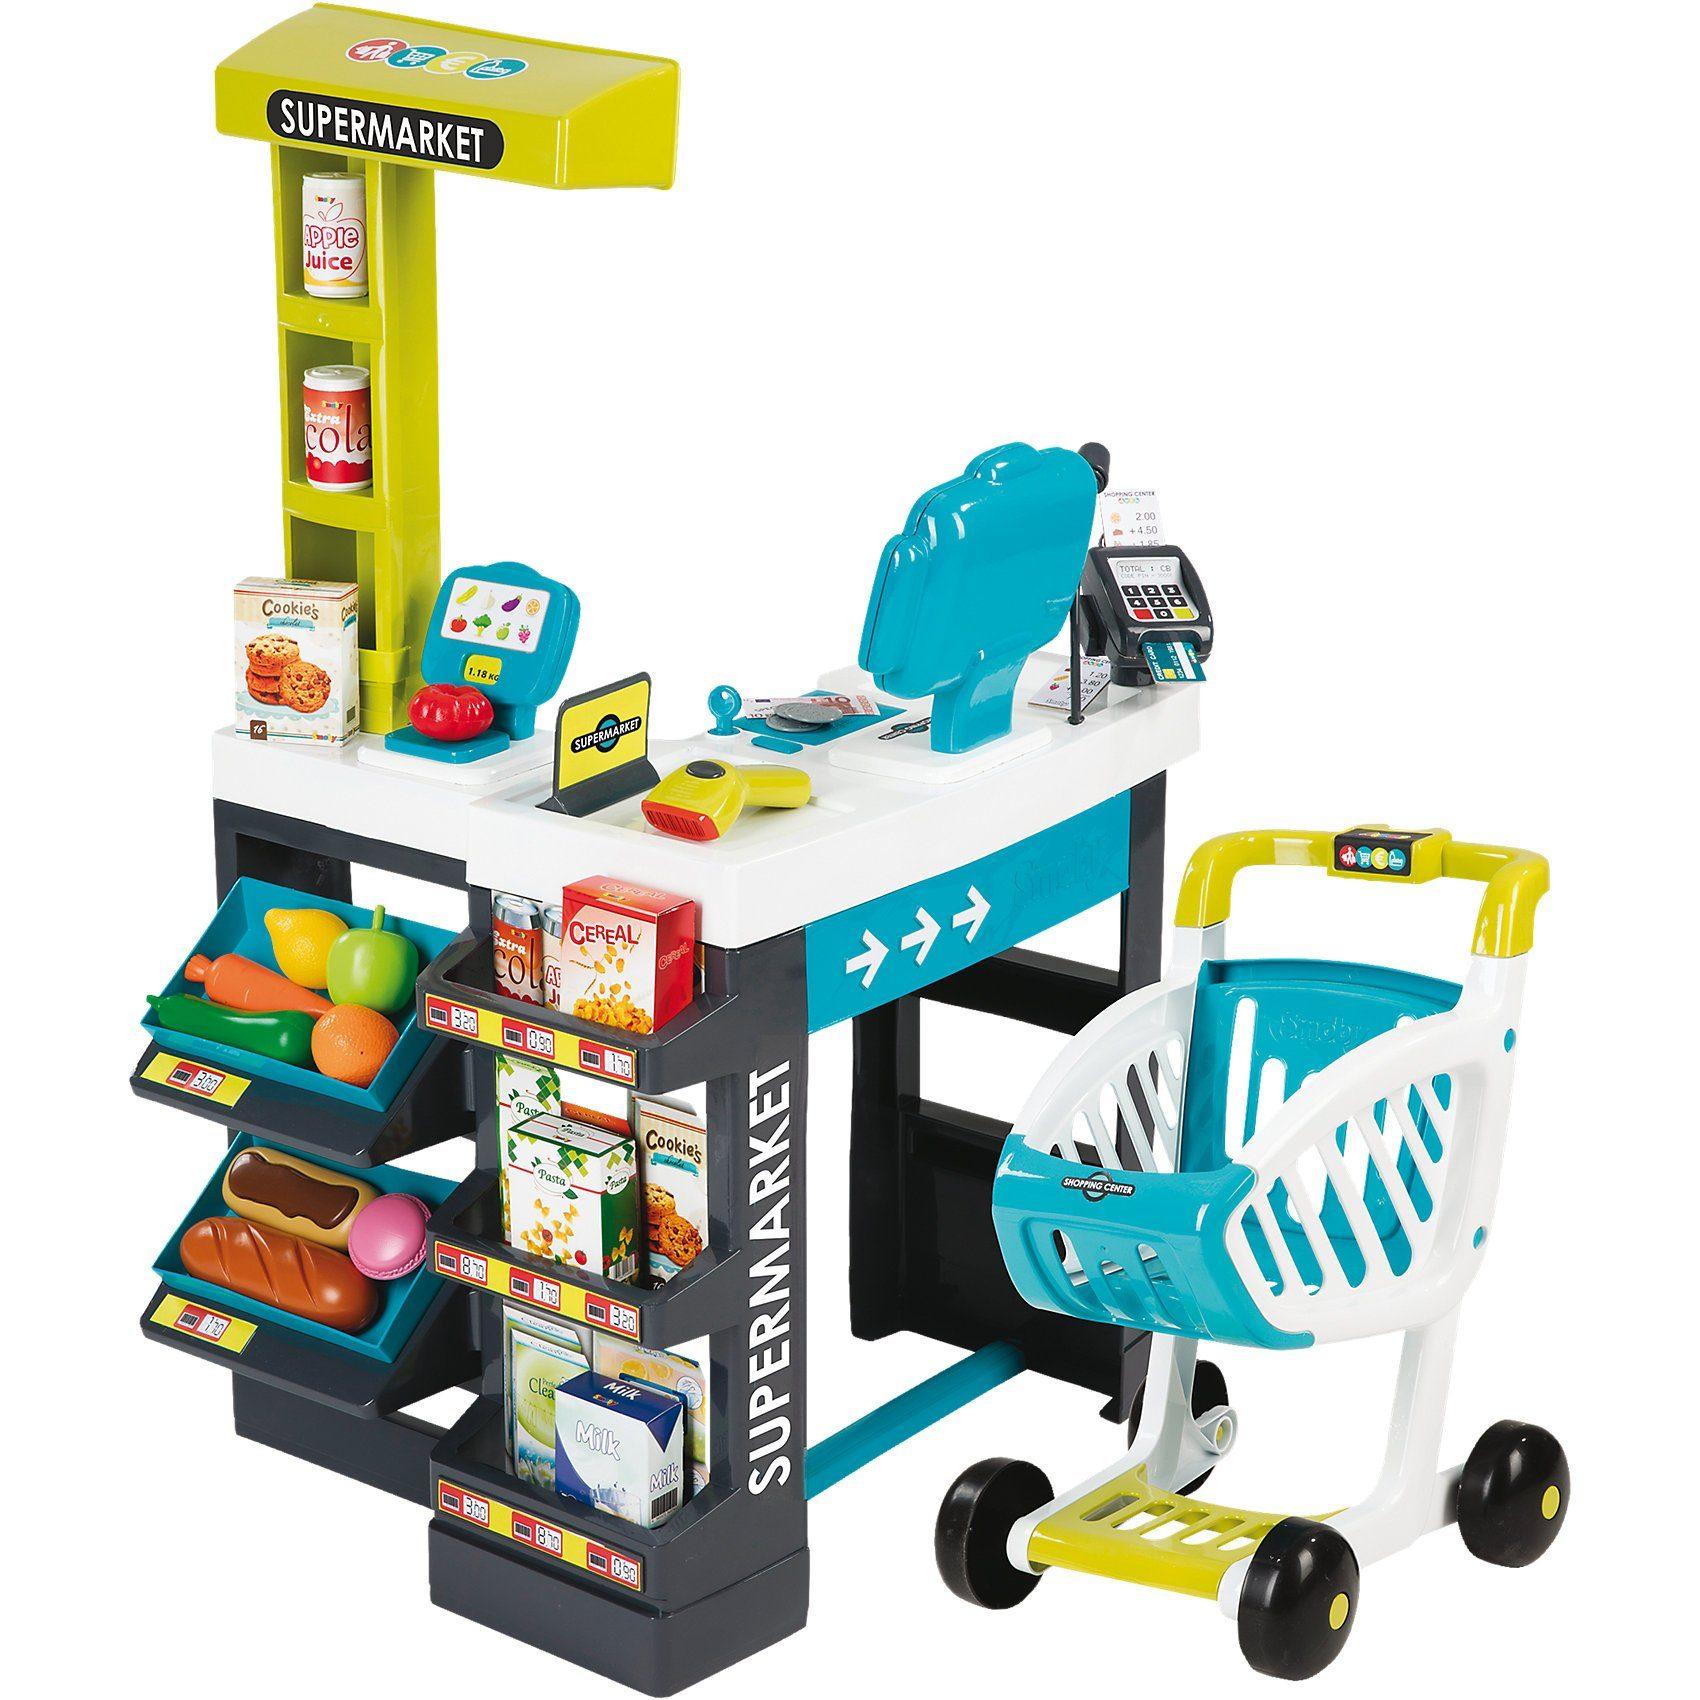 Smoby Supermarkt mit Einkaufswagen türkis/grün